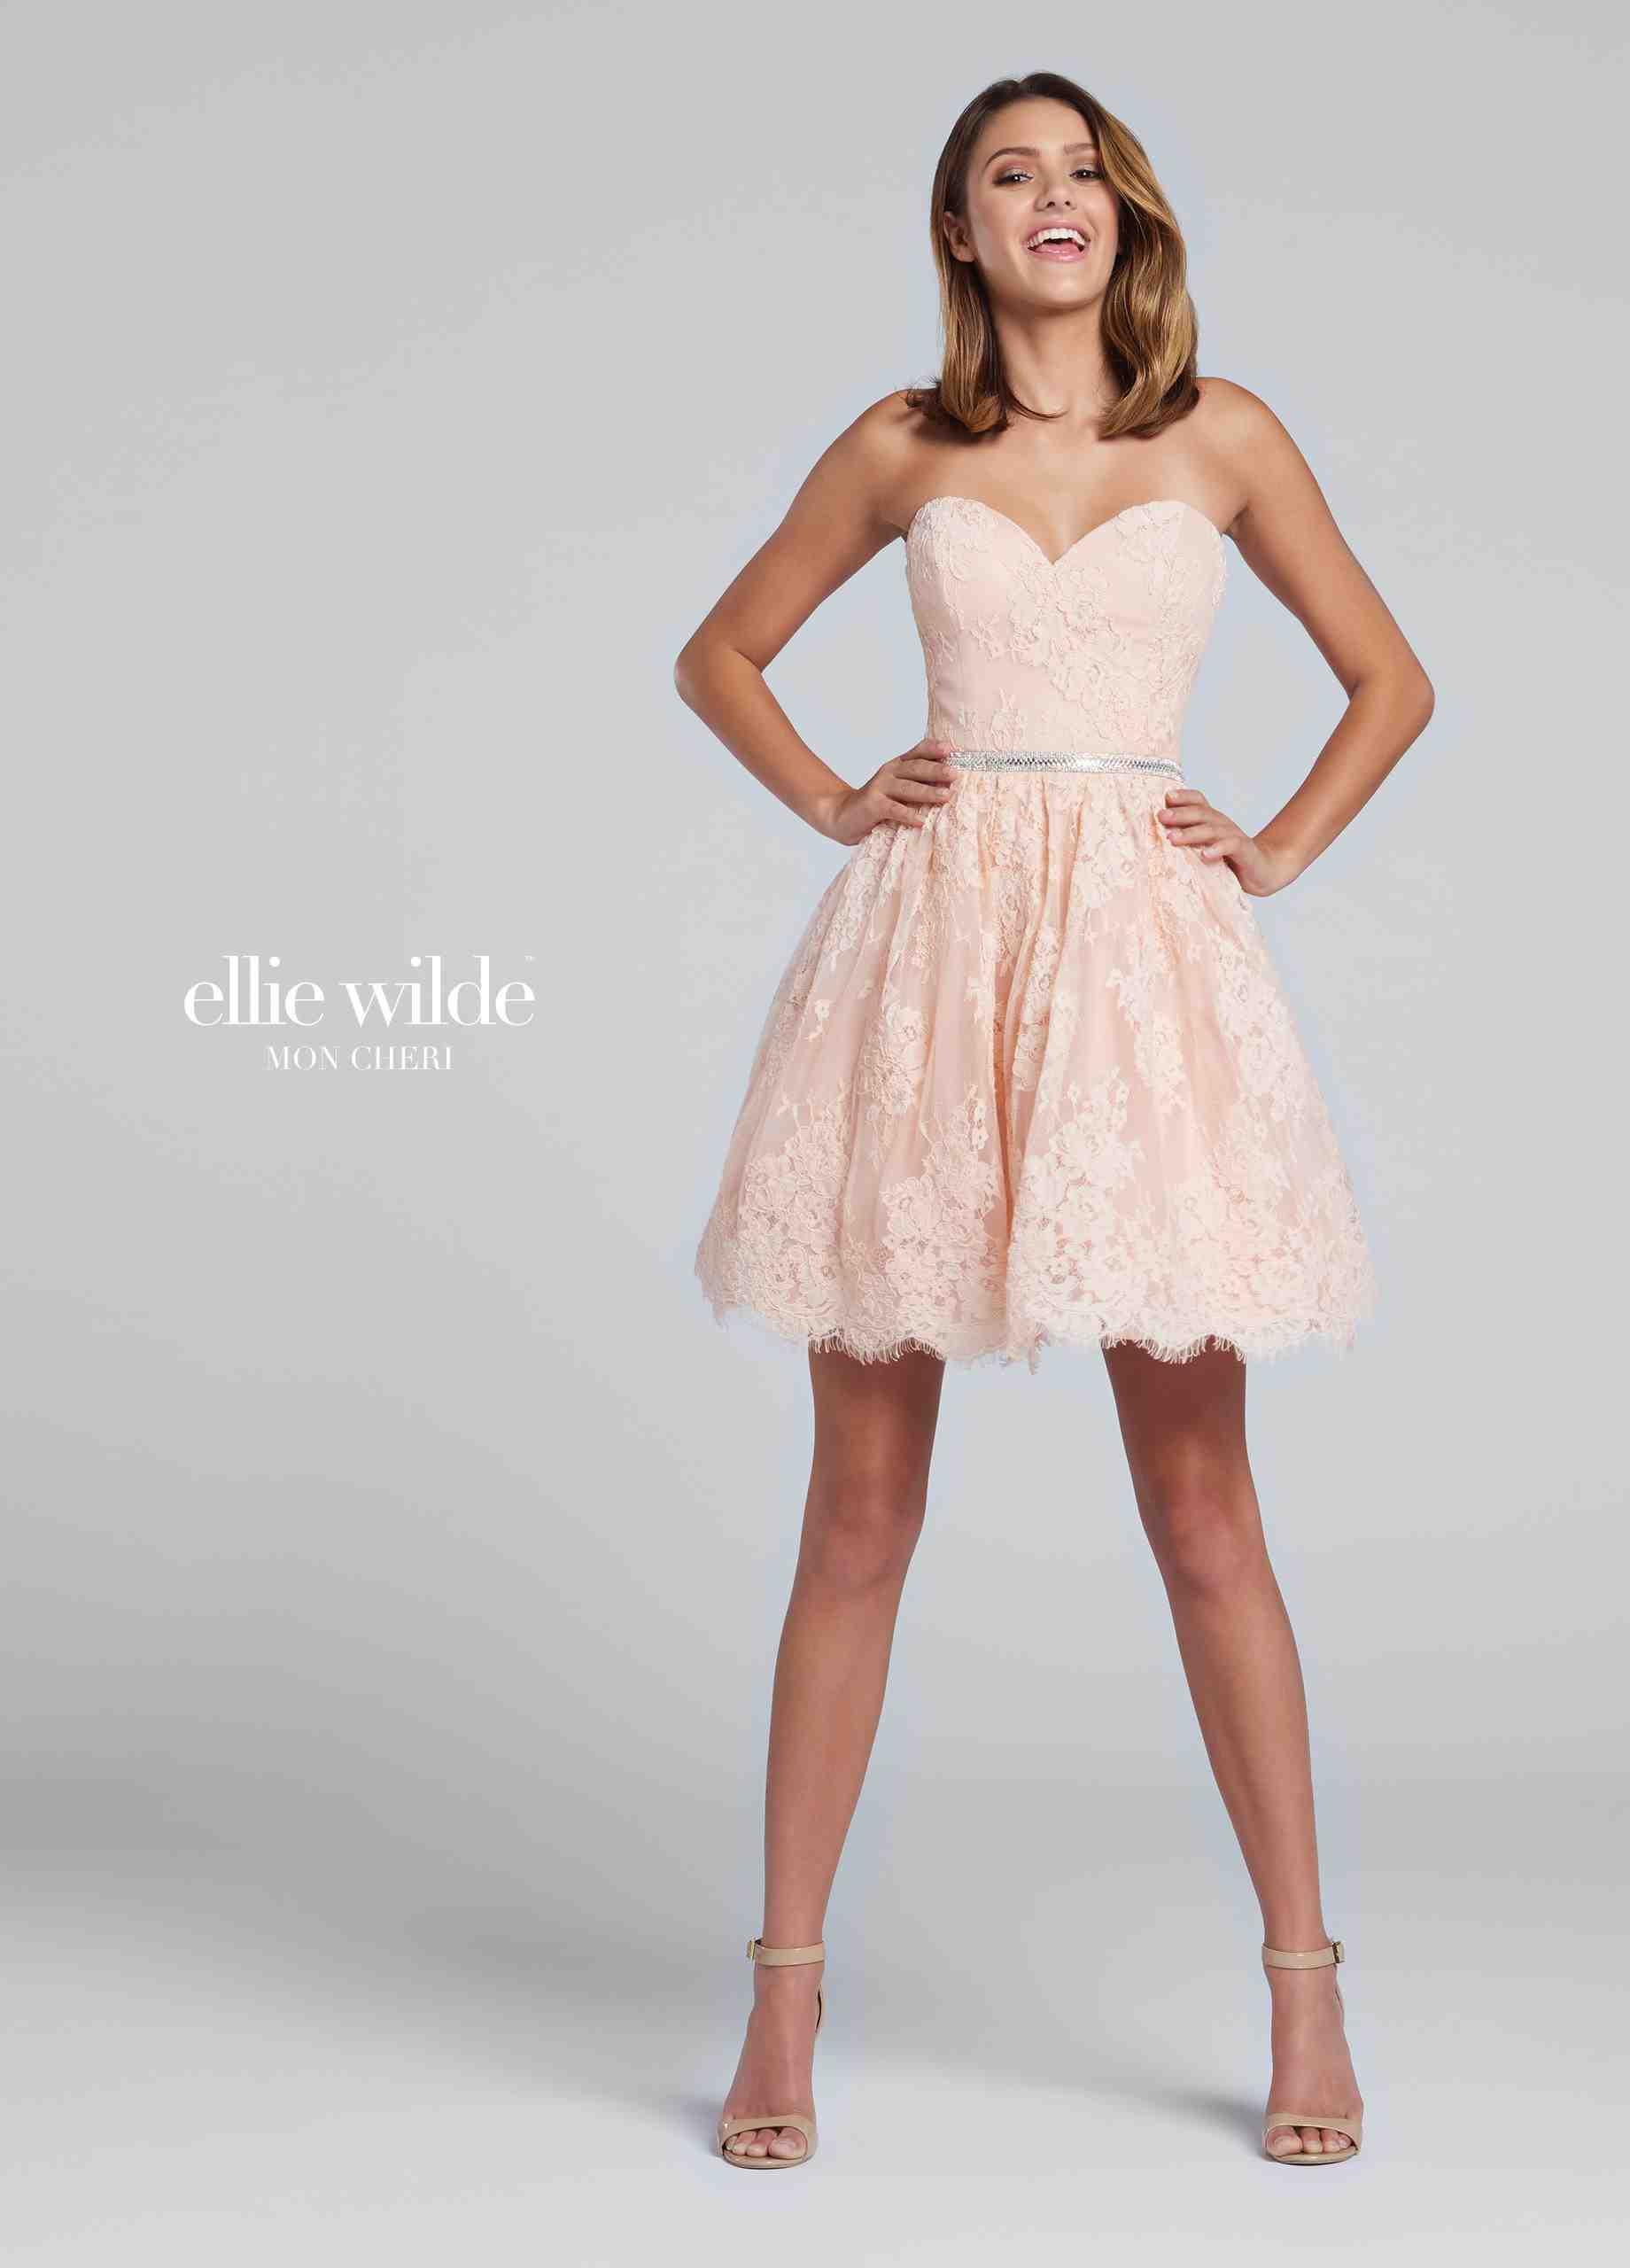 2019 Muhteşem Mezuniyet Kıyafet Modelleri ve Fiyatları